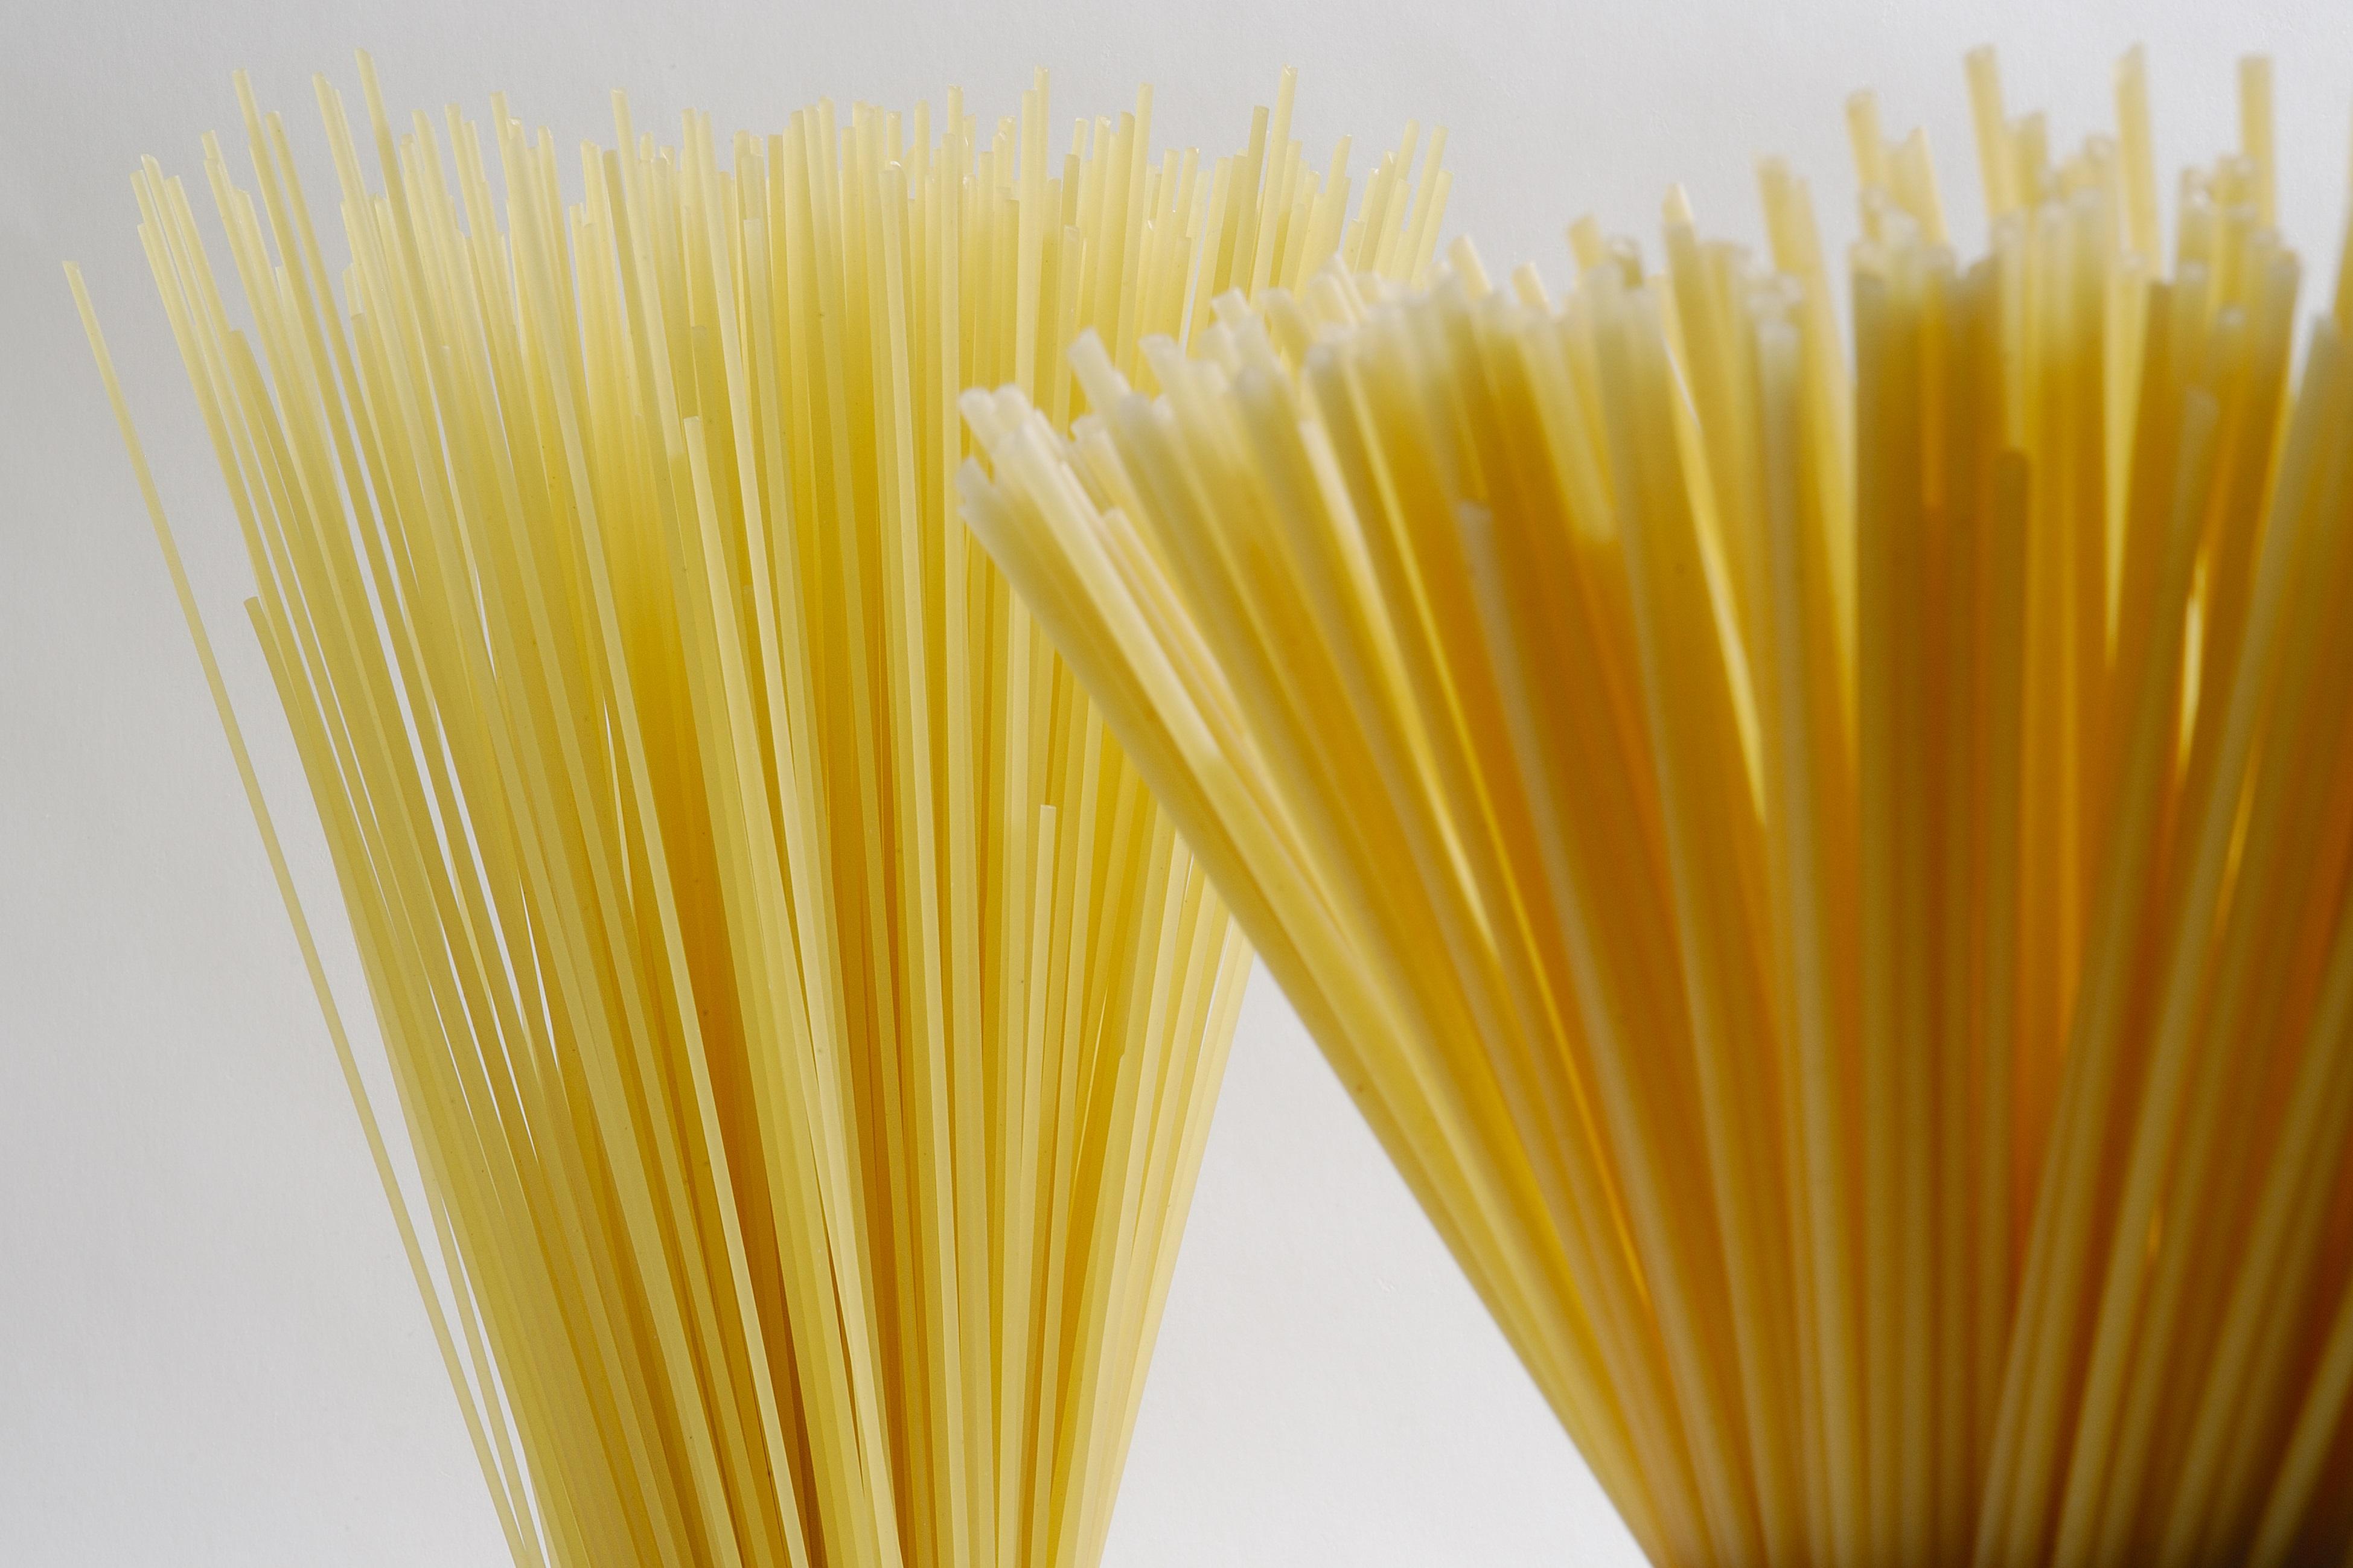 упаковка спагетти италия ричарелли